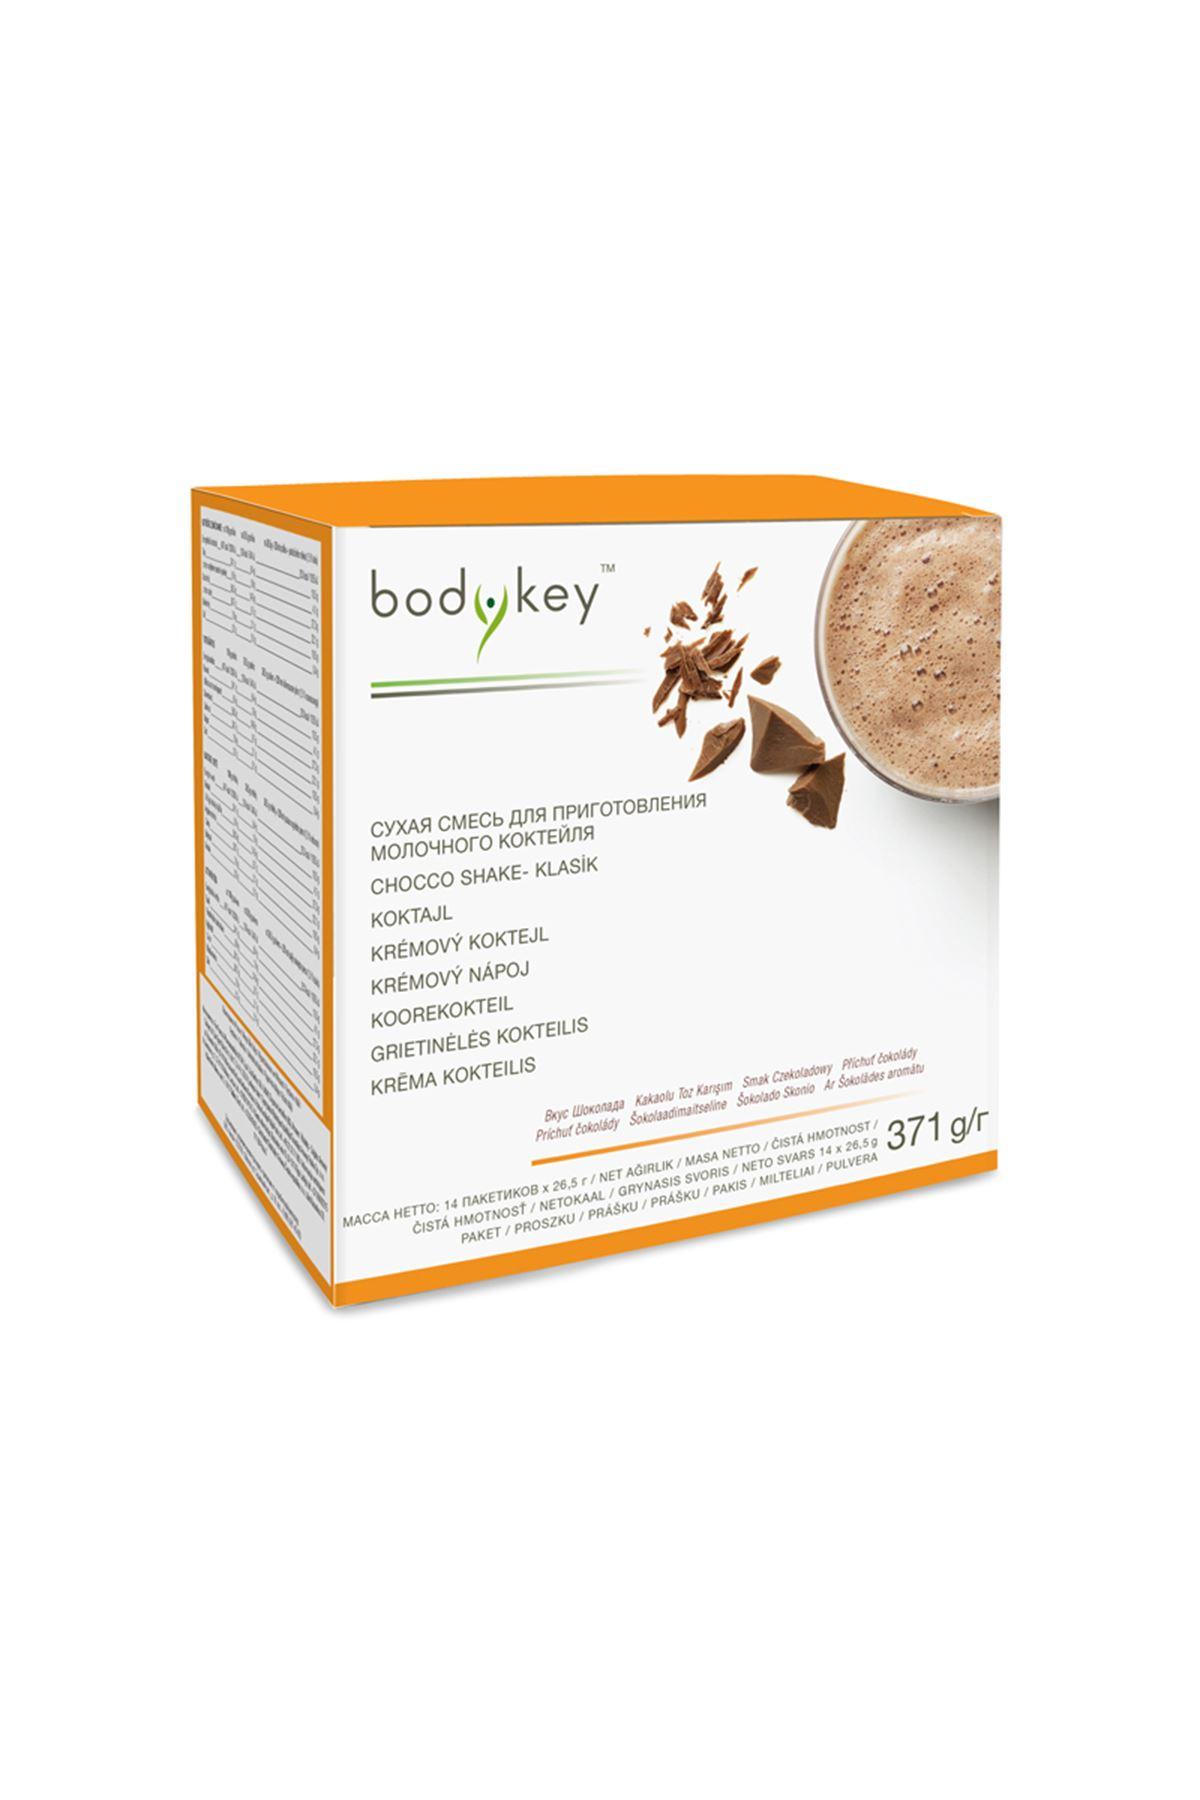 Klasik Kakaolu Toz Karışım bodykey™